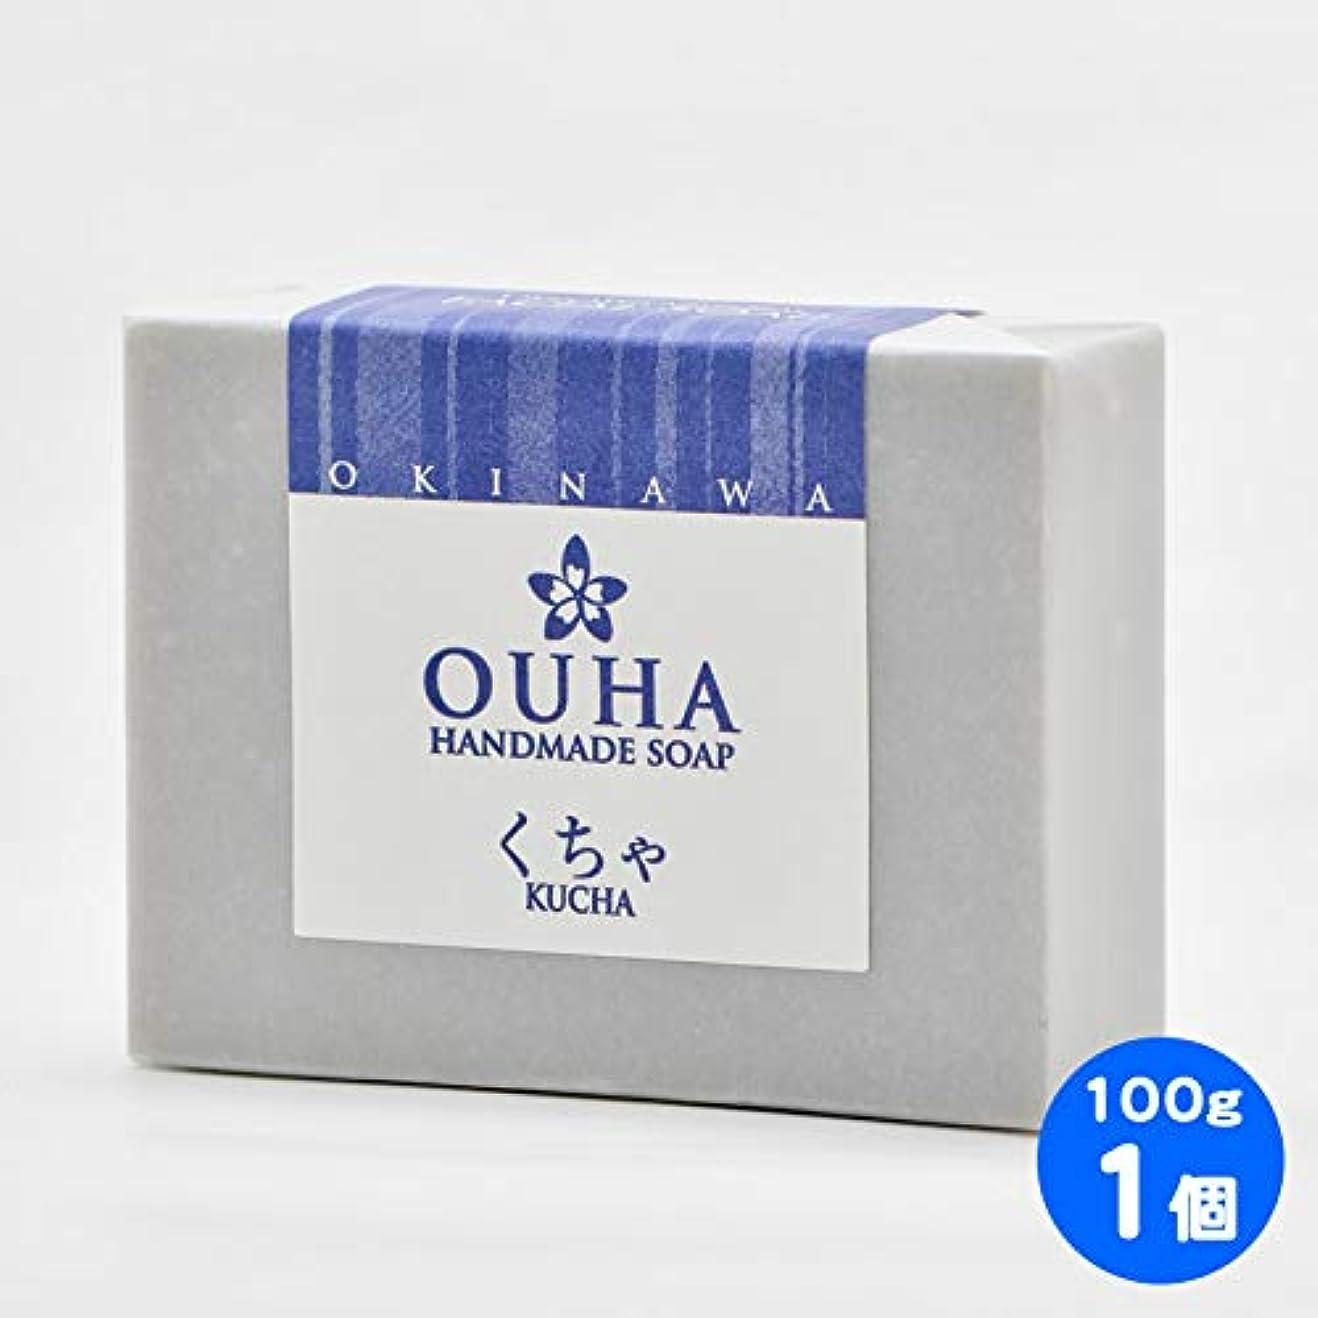 緯度つま先拒否【送料無料 定形外郵便】沖縄県産 OUHAソープ くちゃ 石鹸 100g 1個